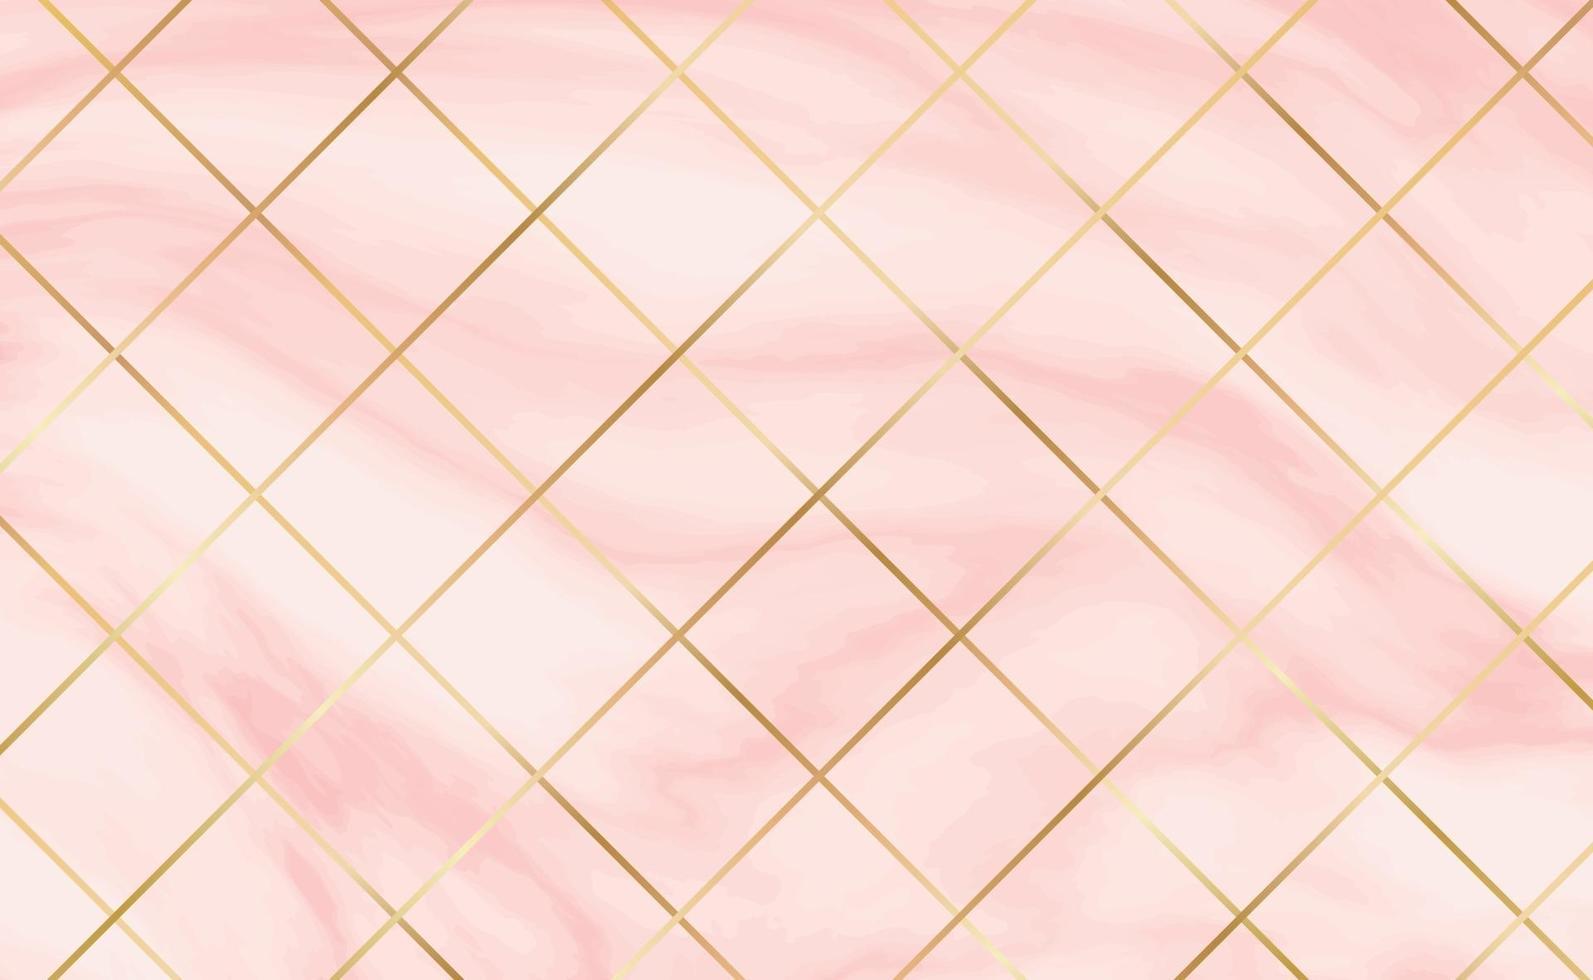 stenplattor, texturvit med röd marmorbakgrund, gyllene linjer - vektor